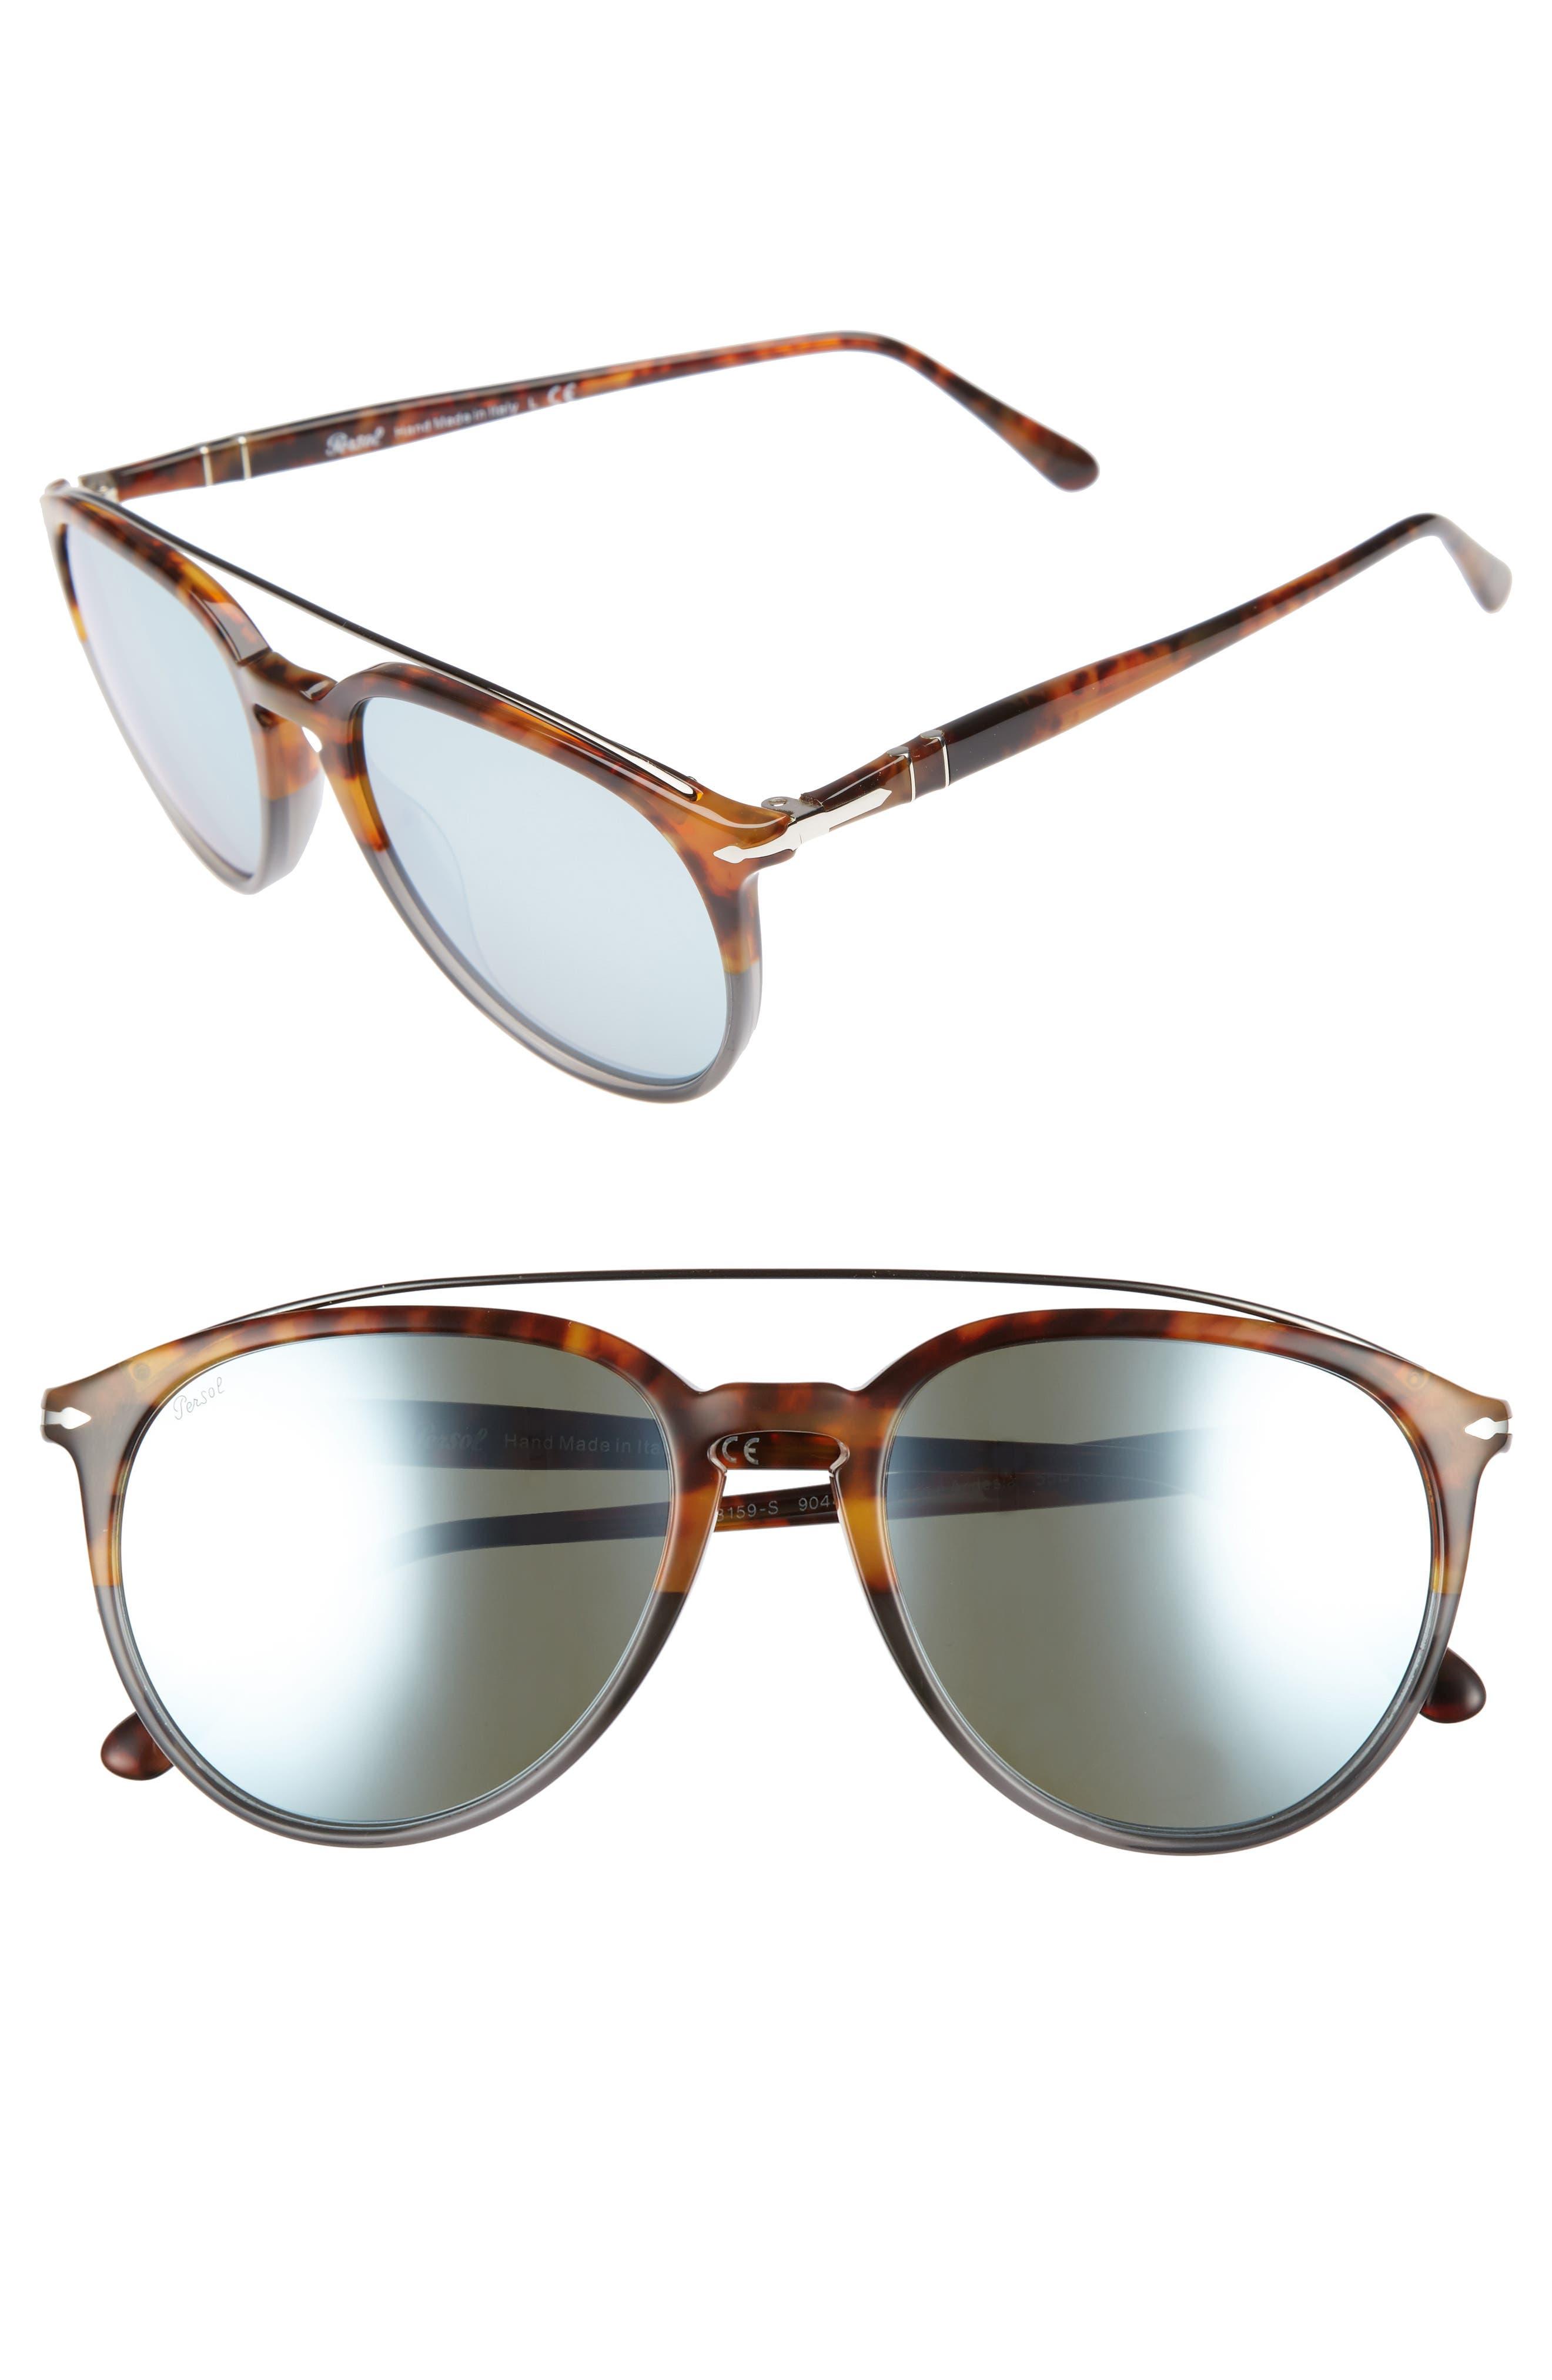 Sartoria 55mm Polarized Sunglasses,                         Main,                         color, Fuoco E Ardesia/ Green Mirror